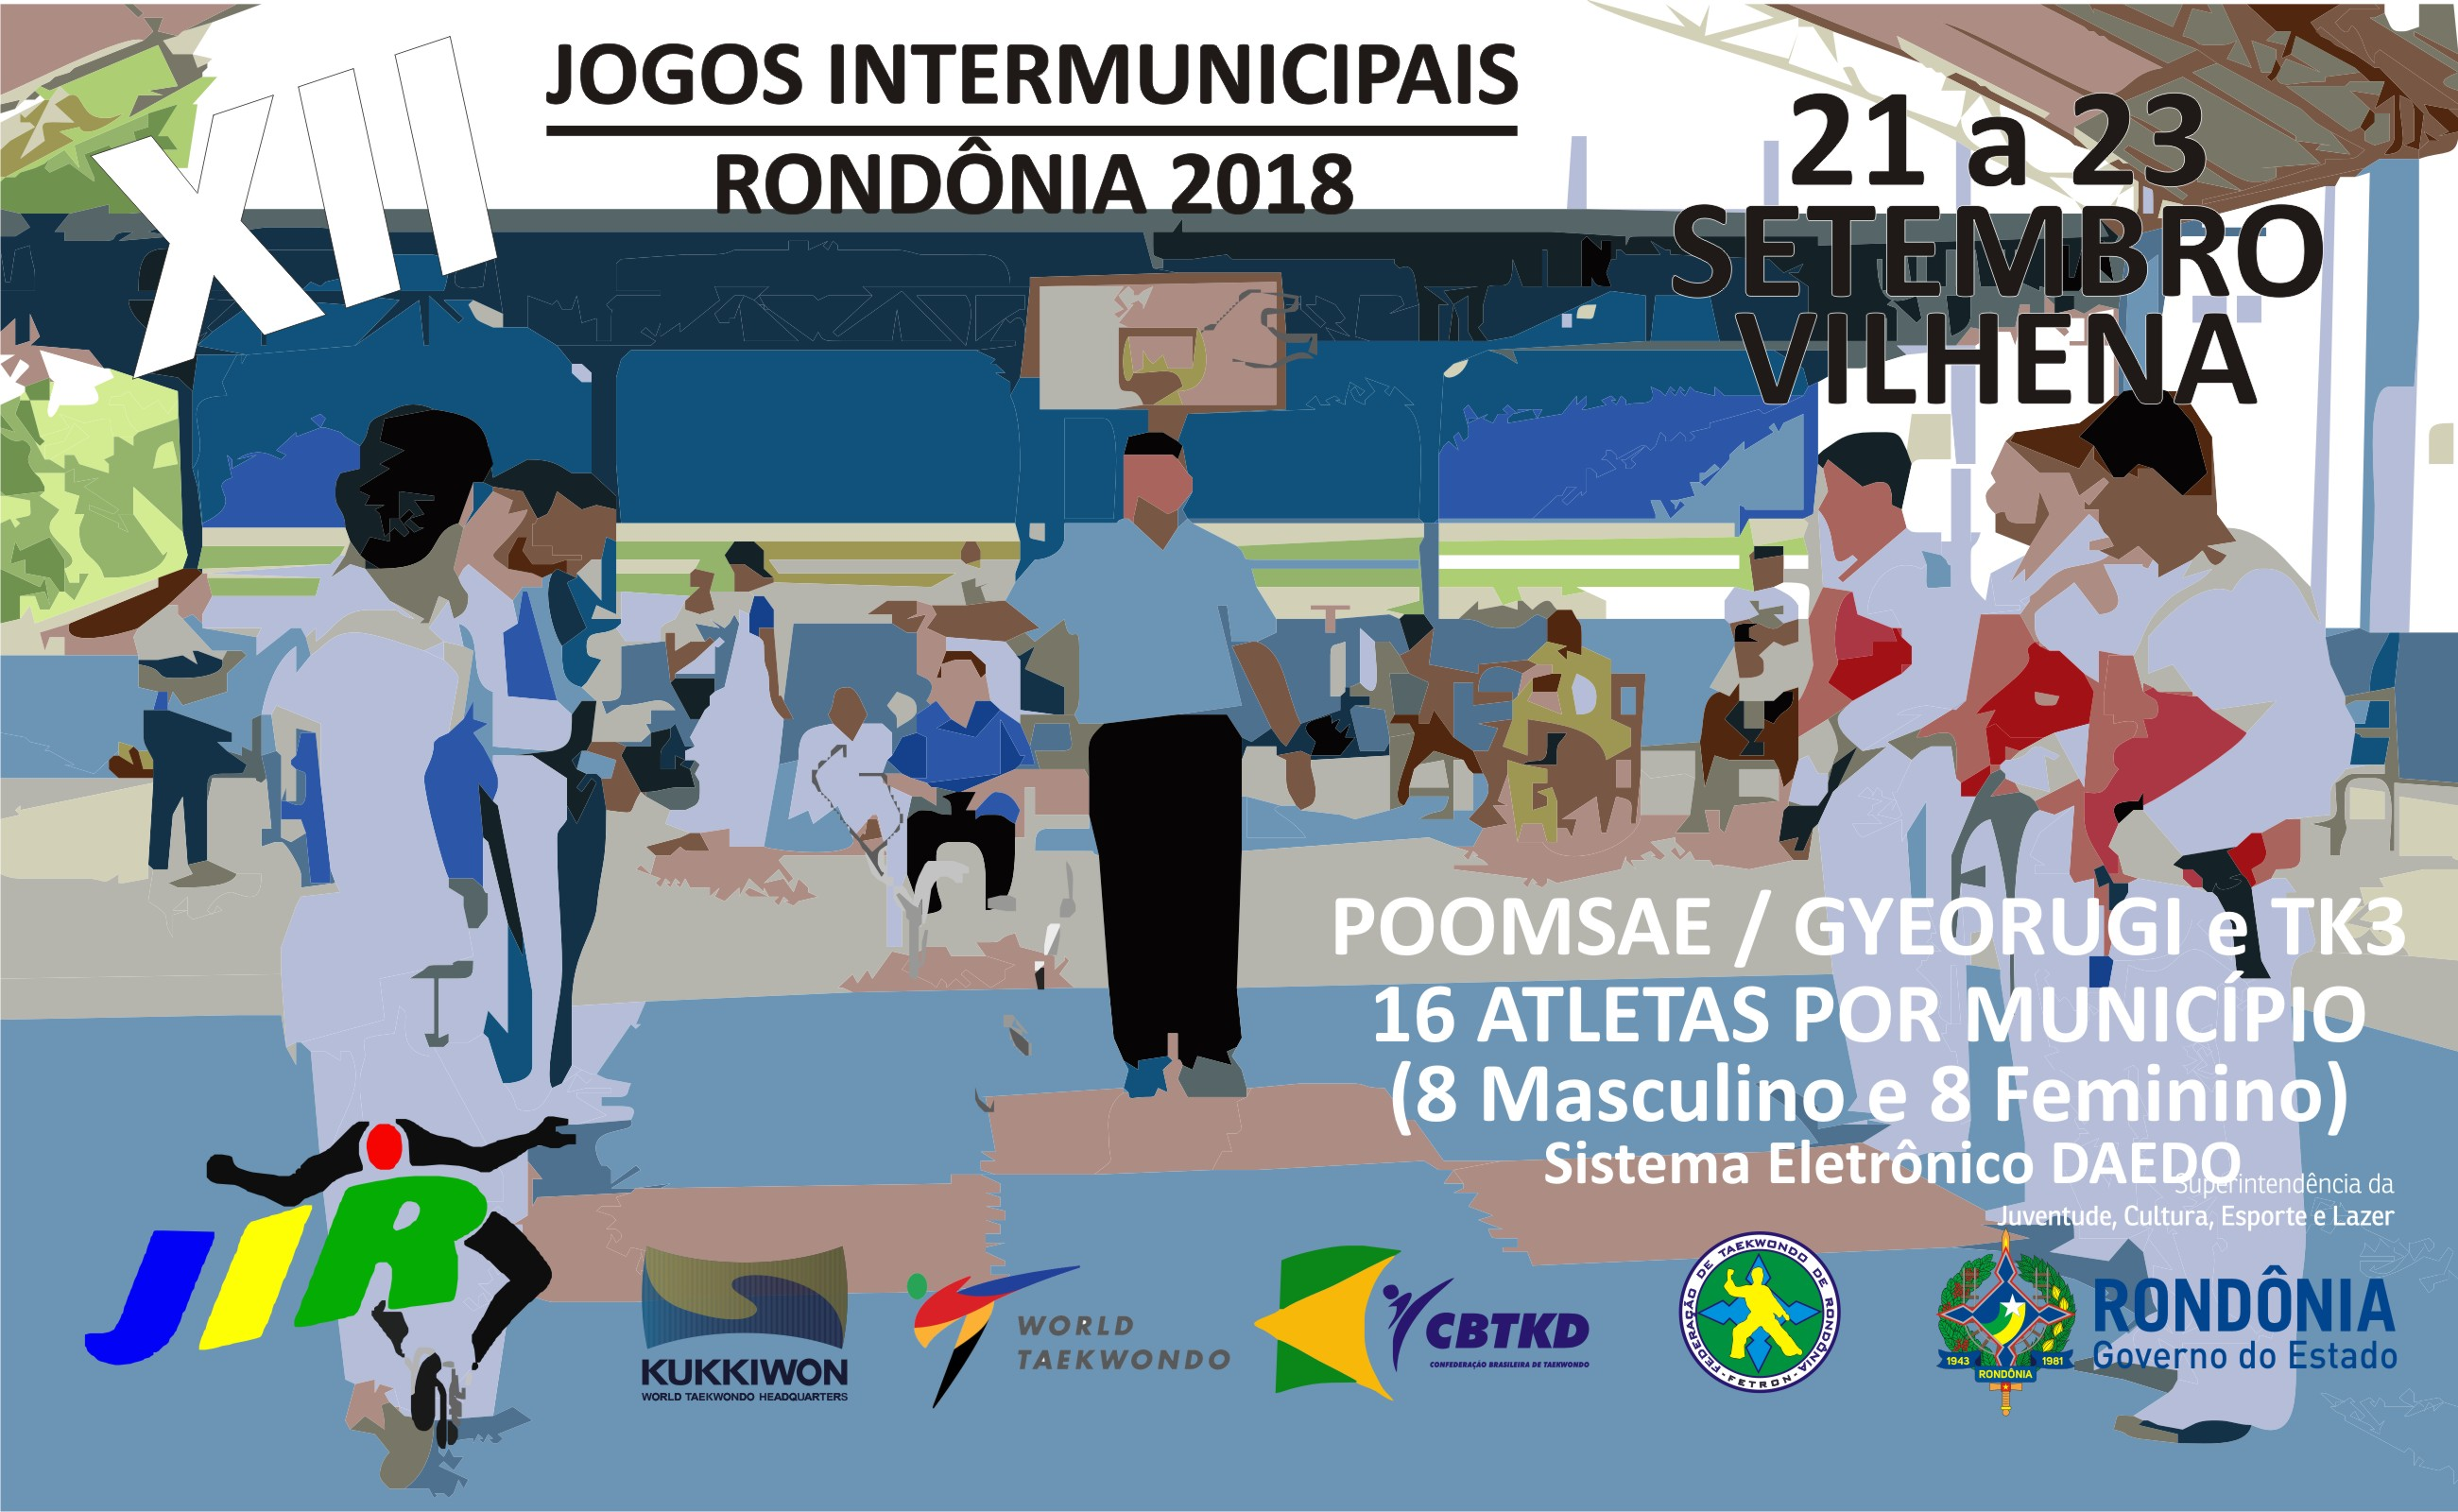 Jogos Intermunicipais de Rondônia